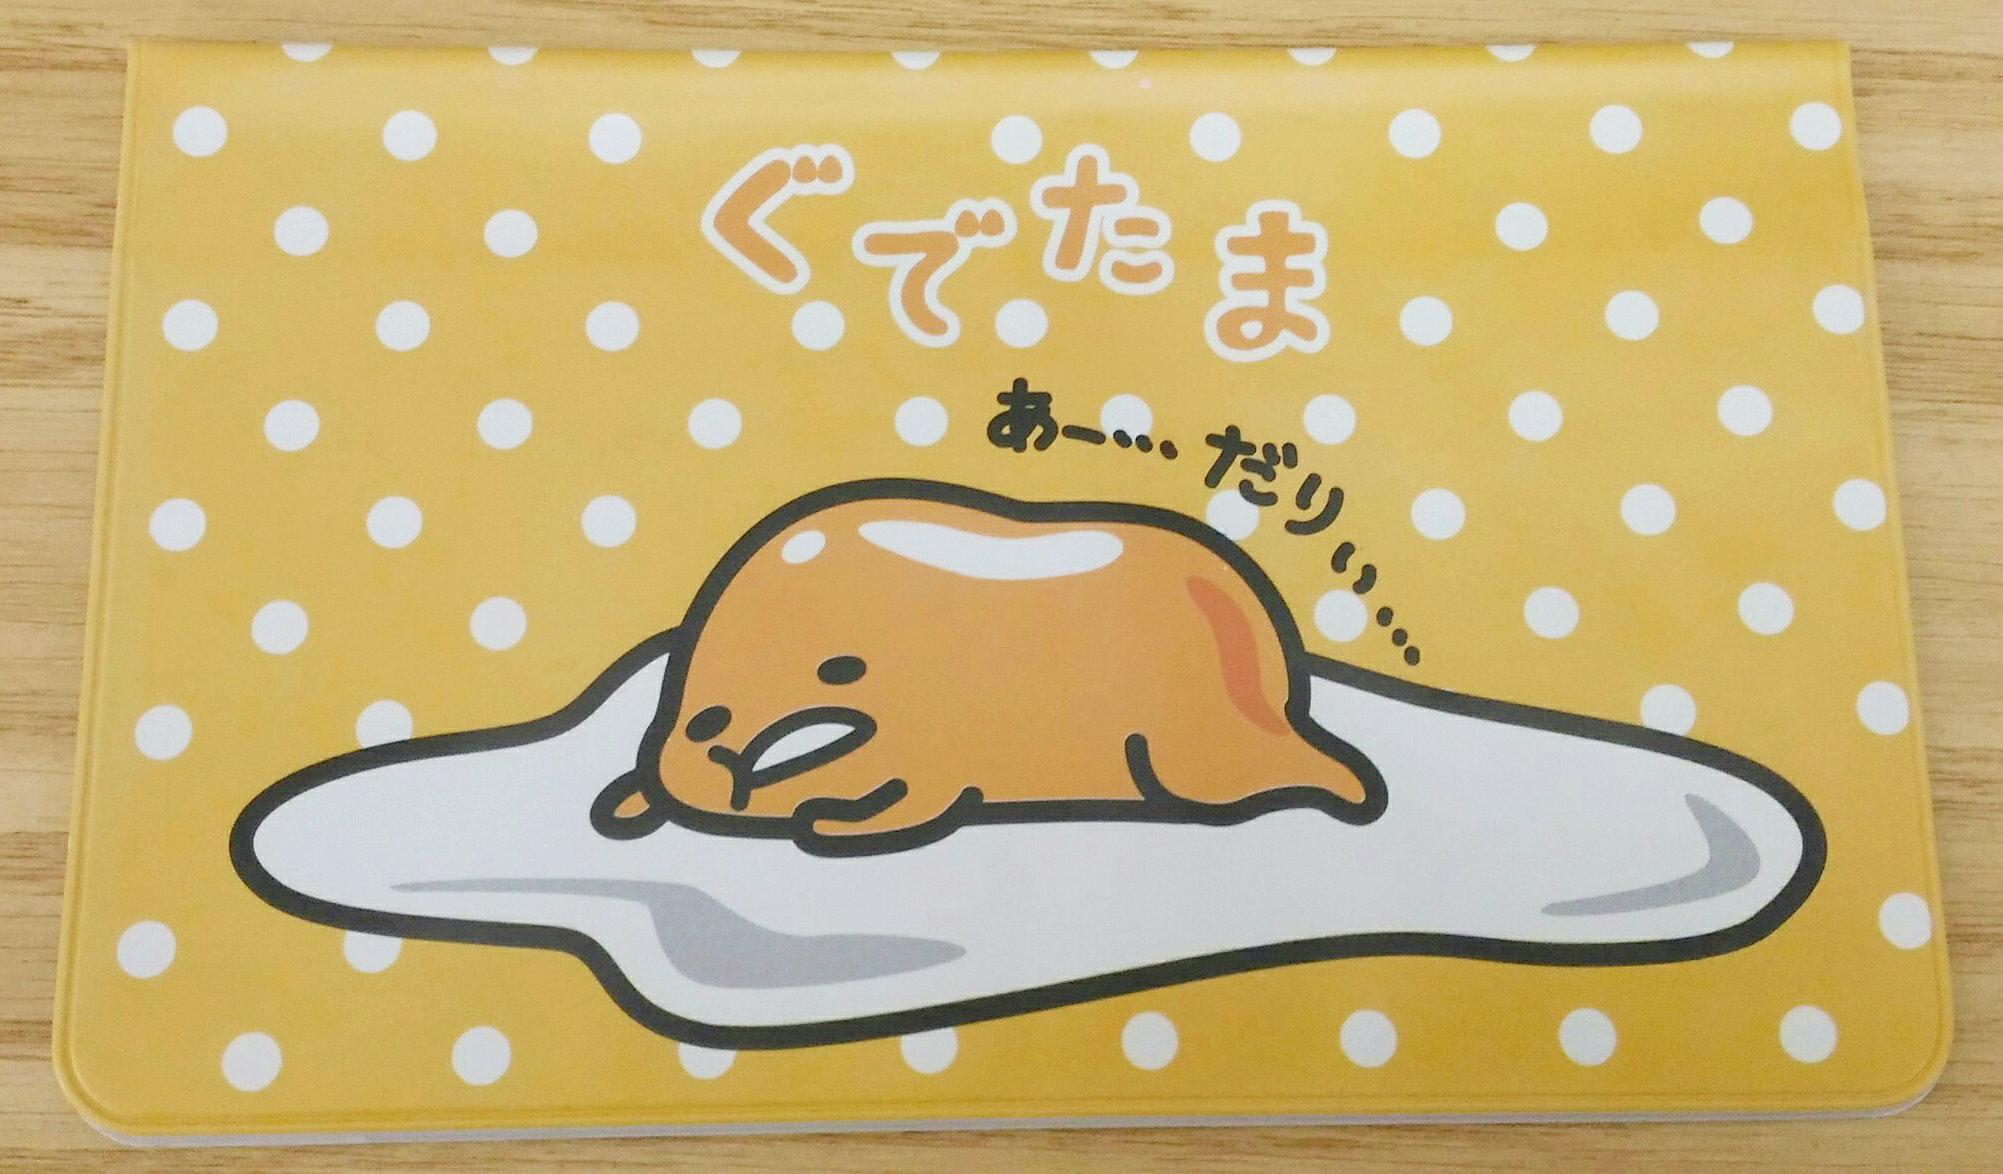 【真愛日本】17111700057 卡片存摺護套-蛋黃哥慵懶 三麗鷗 蛋黃哥 存摺保護套 日本帶回